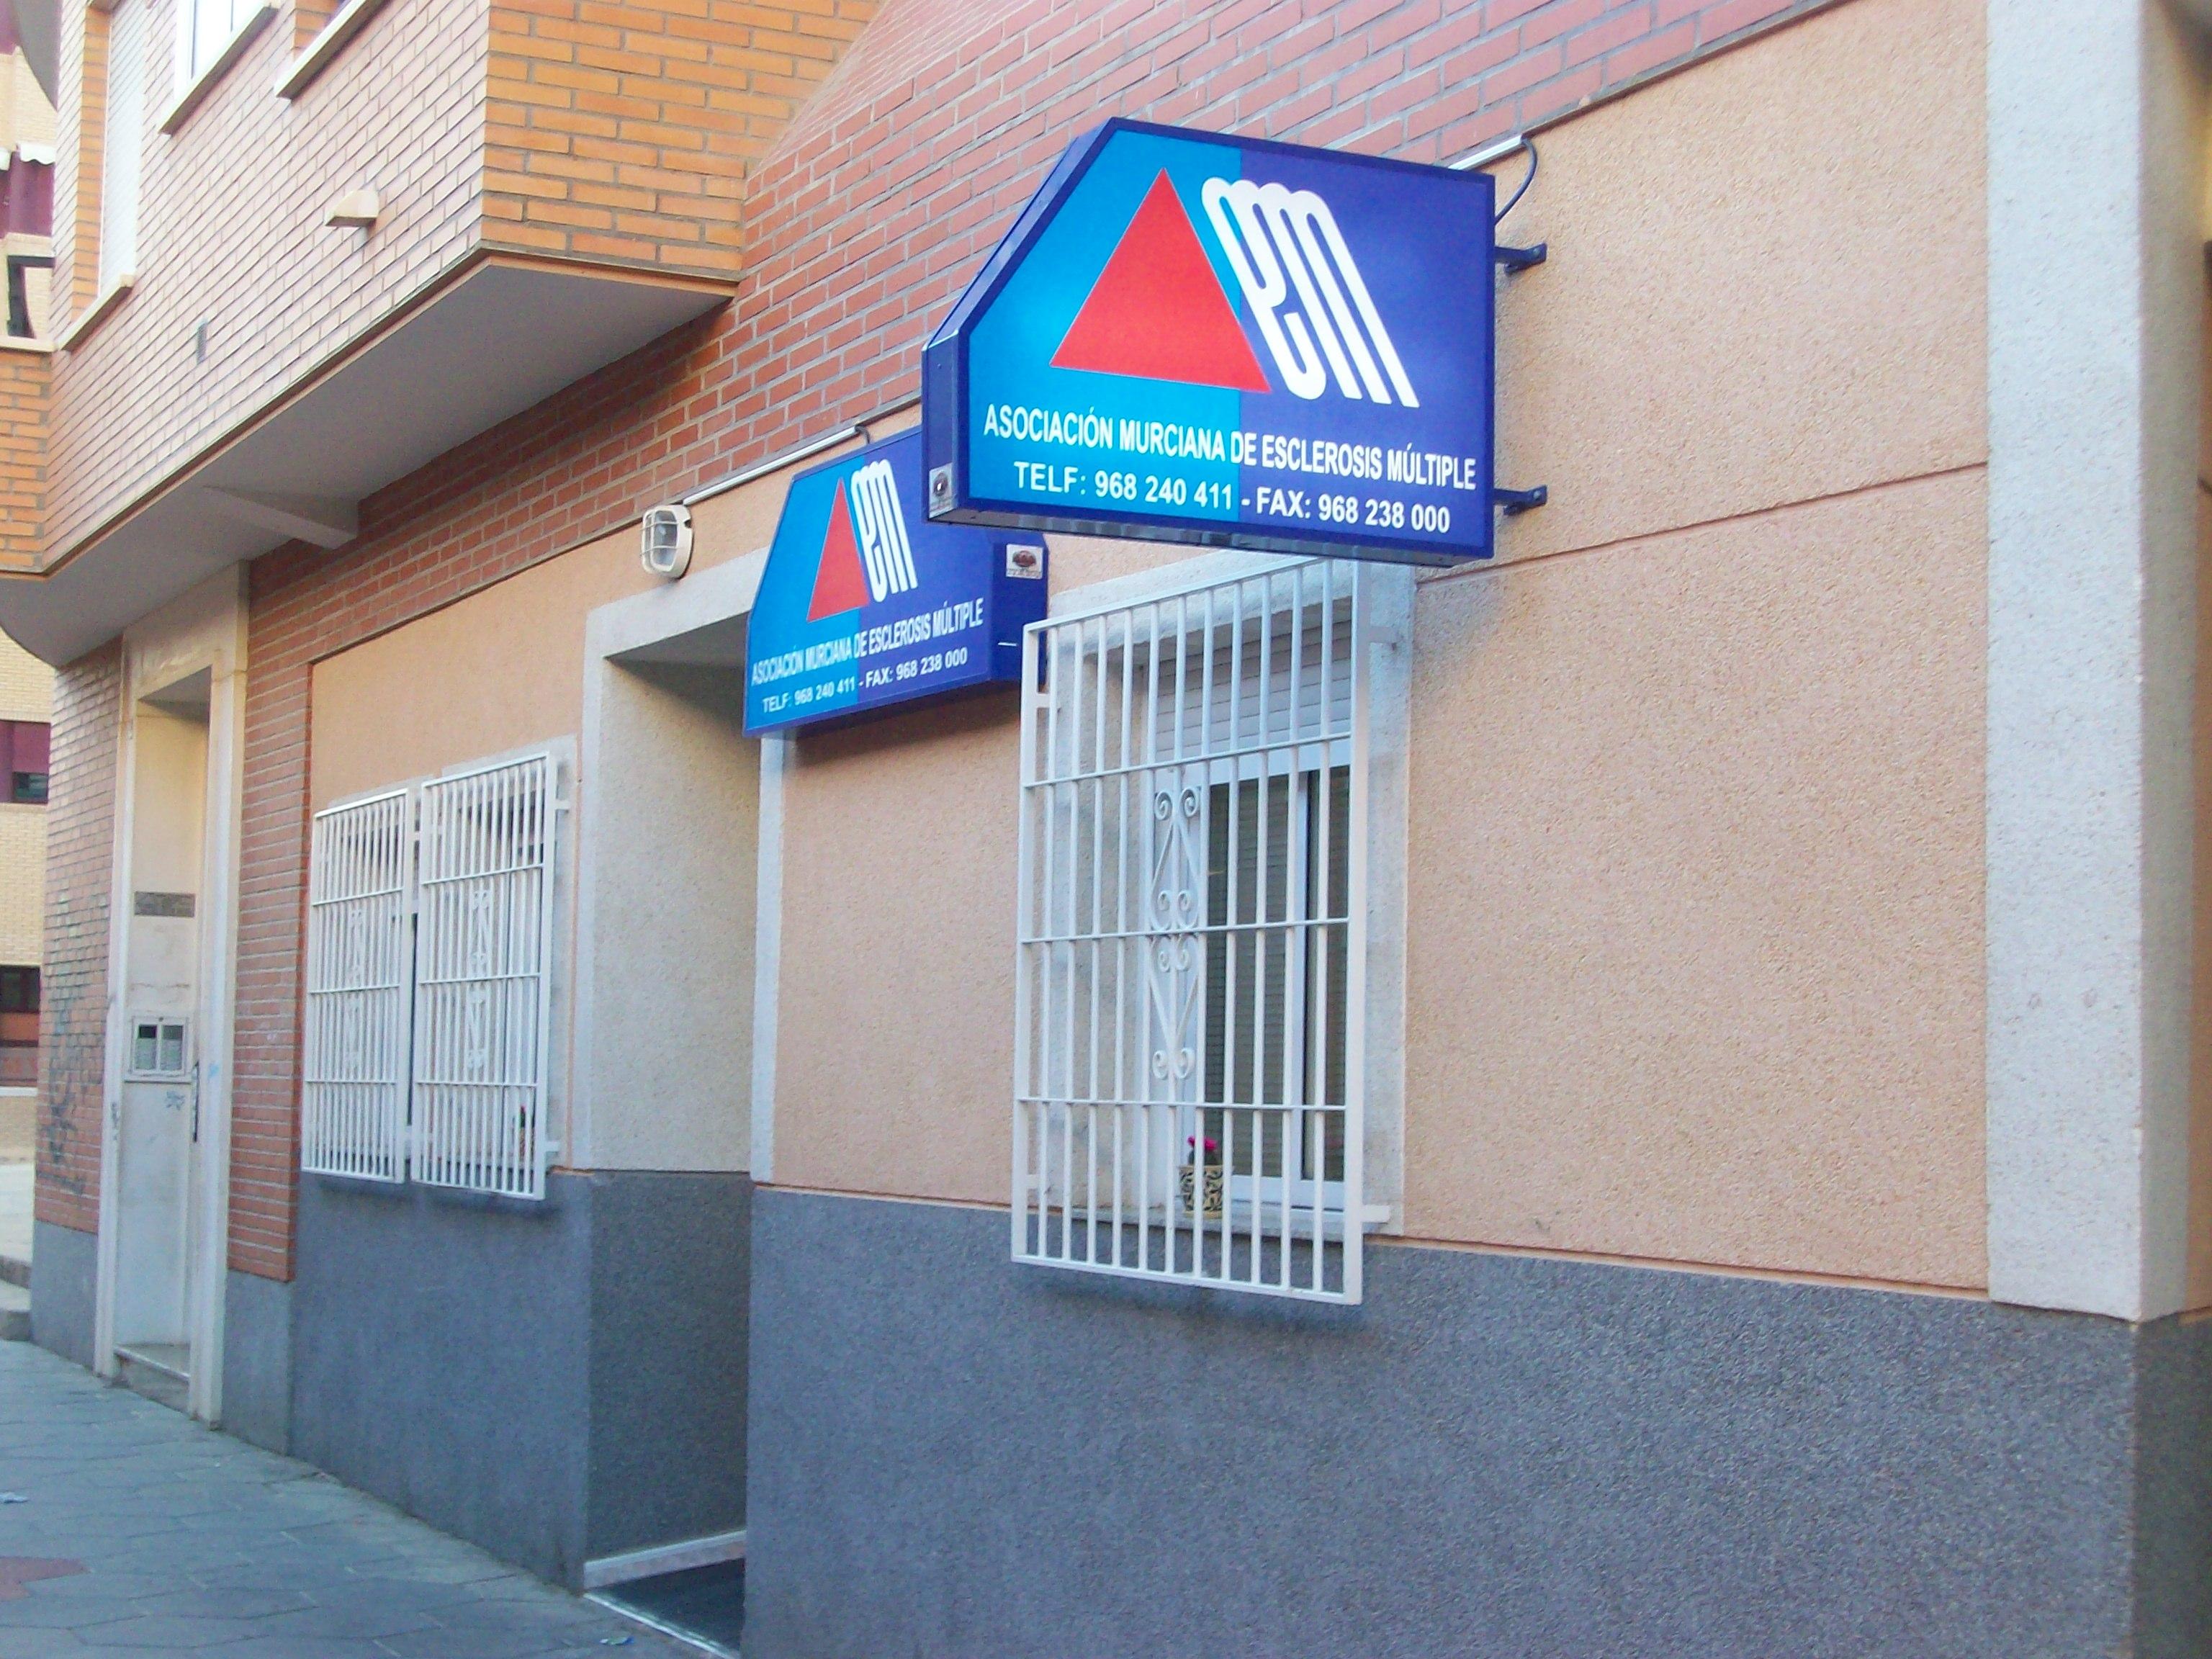 C/ Antonio de Ulloa -La Flota (Murcia).